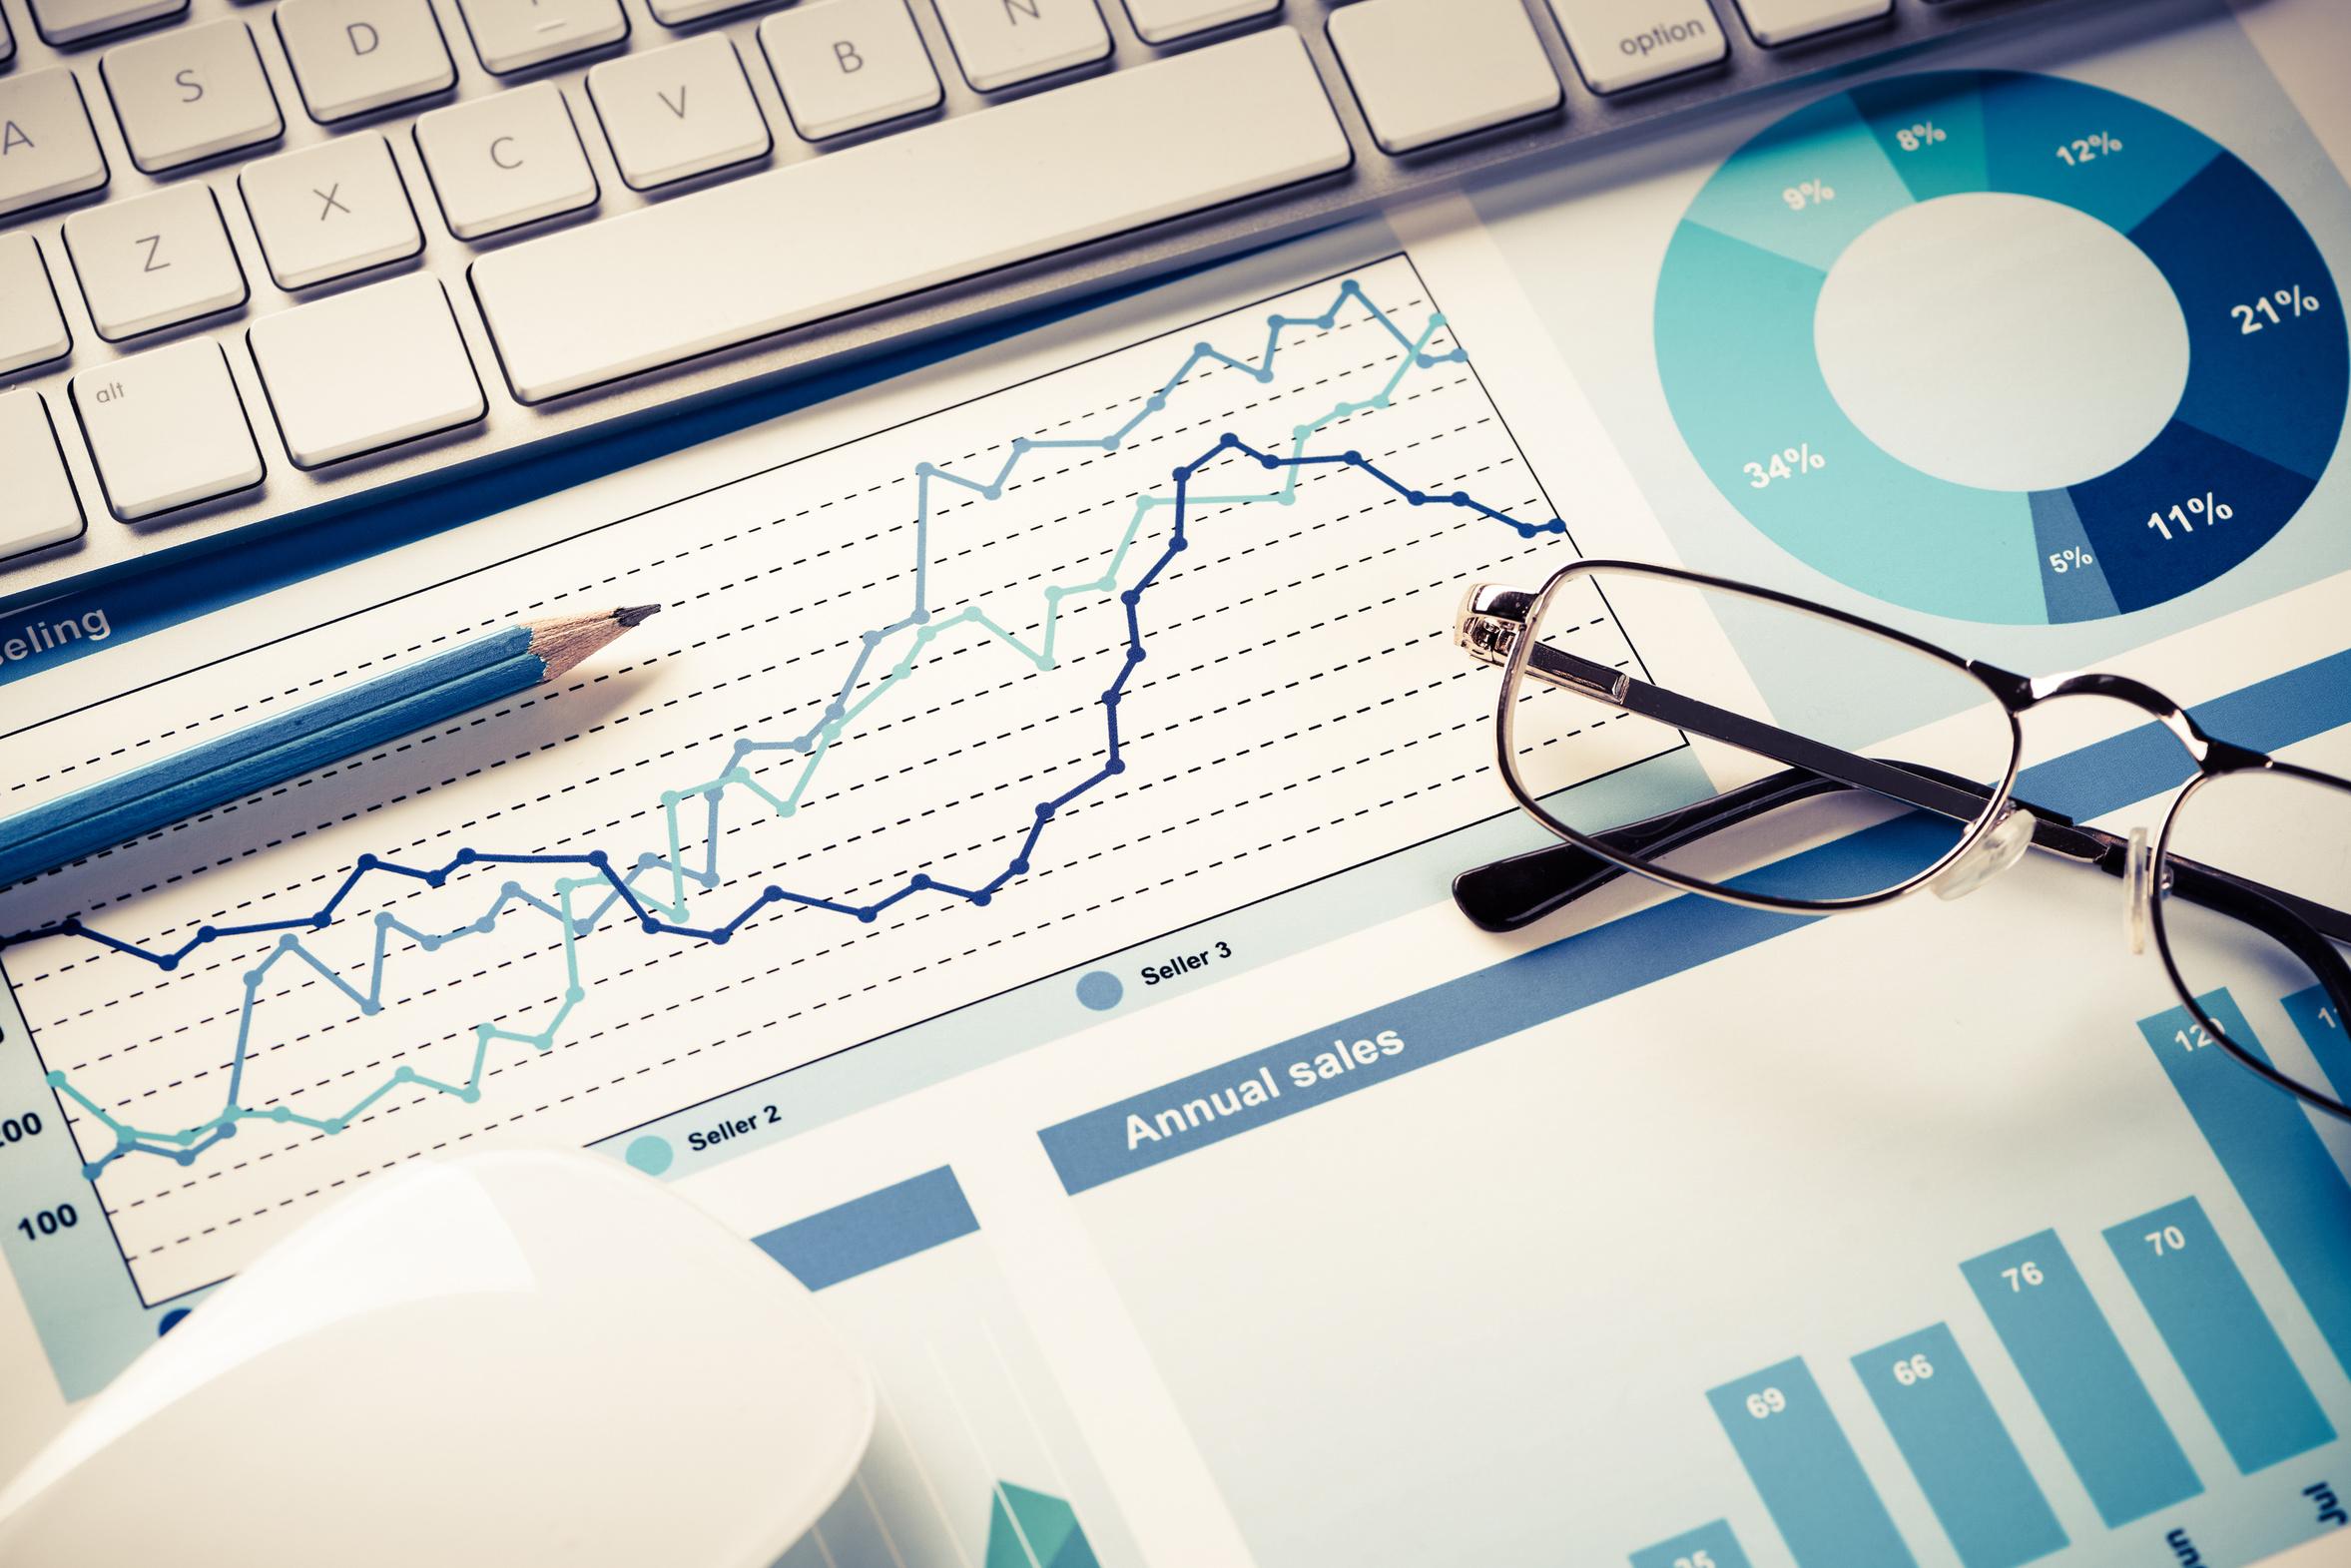 2019թ. հունվար-ապրիլ ամիսներին Հայաստանում տնտեսական ակտիվության ցուցանիշն աճել է 6.5%-ով